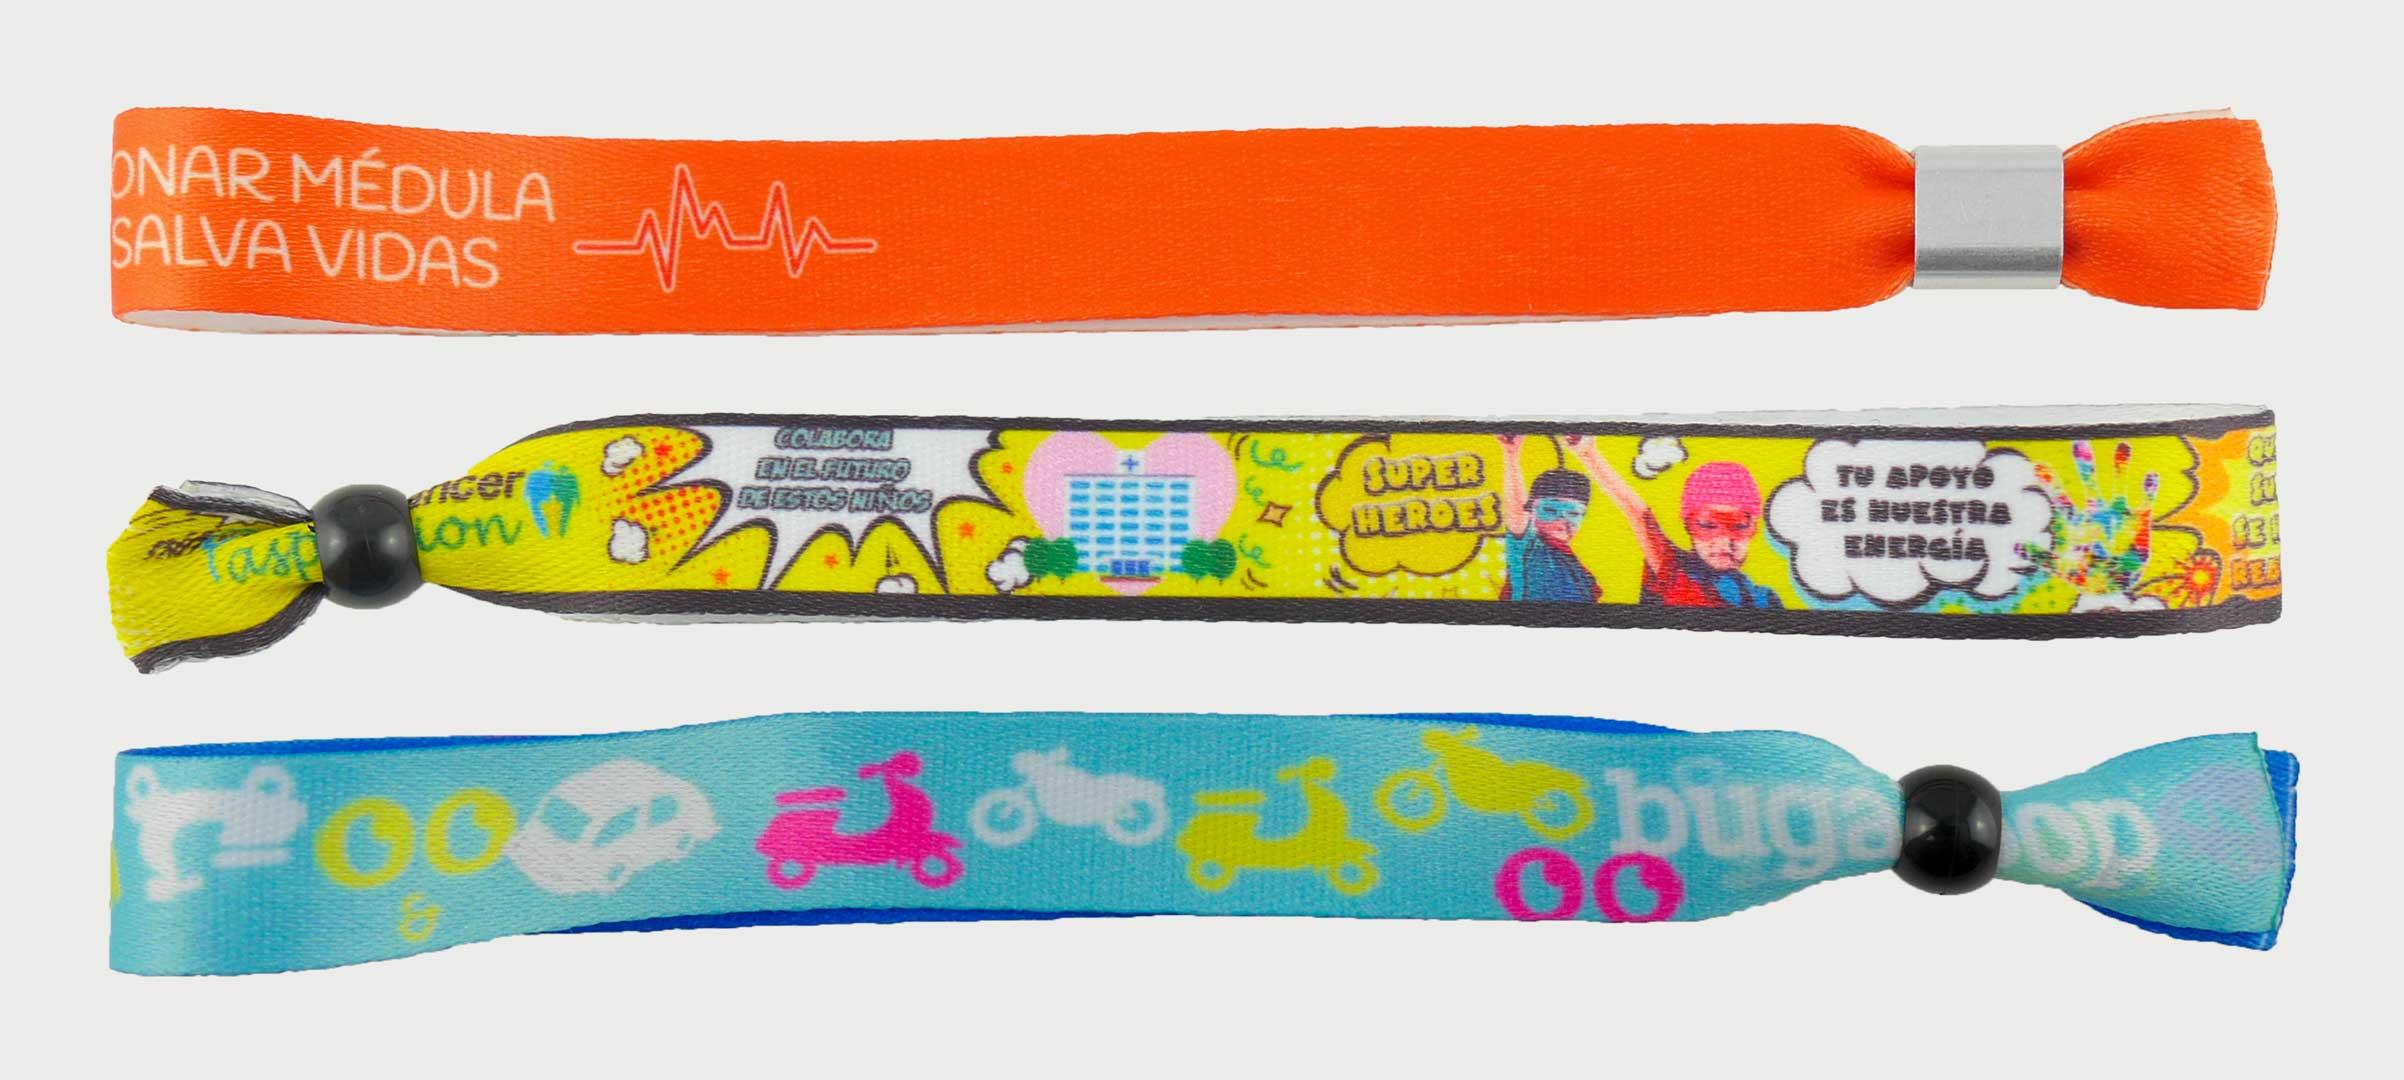 f78977c7a44b Pulseras de tela bordadas personalizadas - Pulseras ID